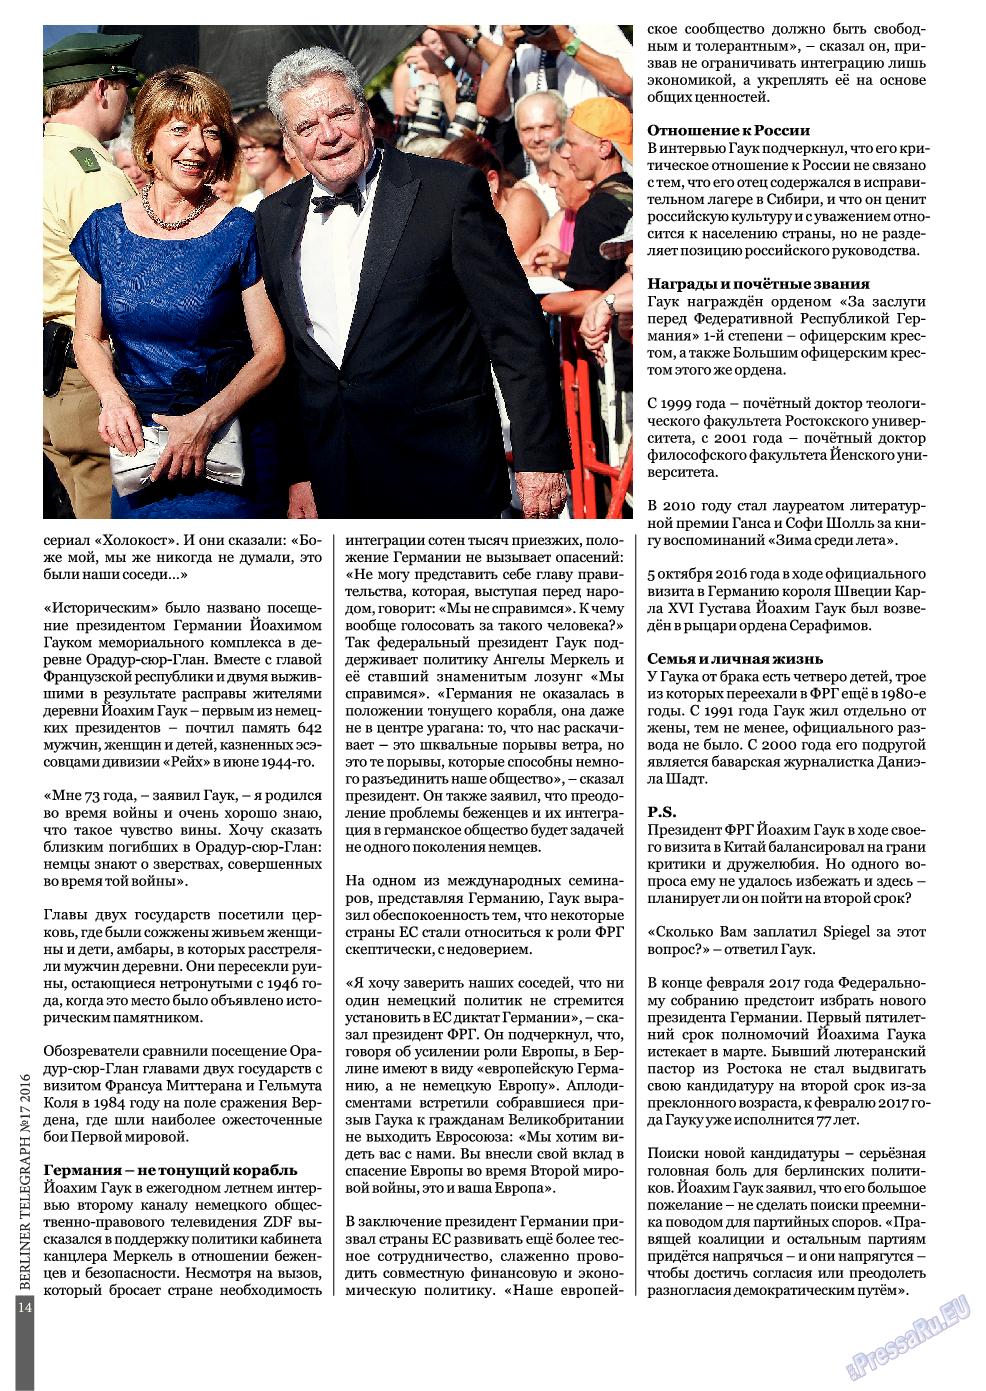 Берлинский телеграф (журнал). 2016 год, номер 17, стр. 14